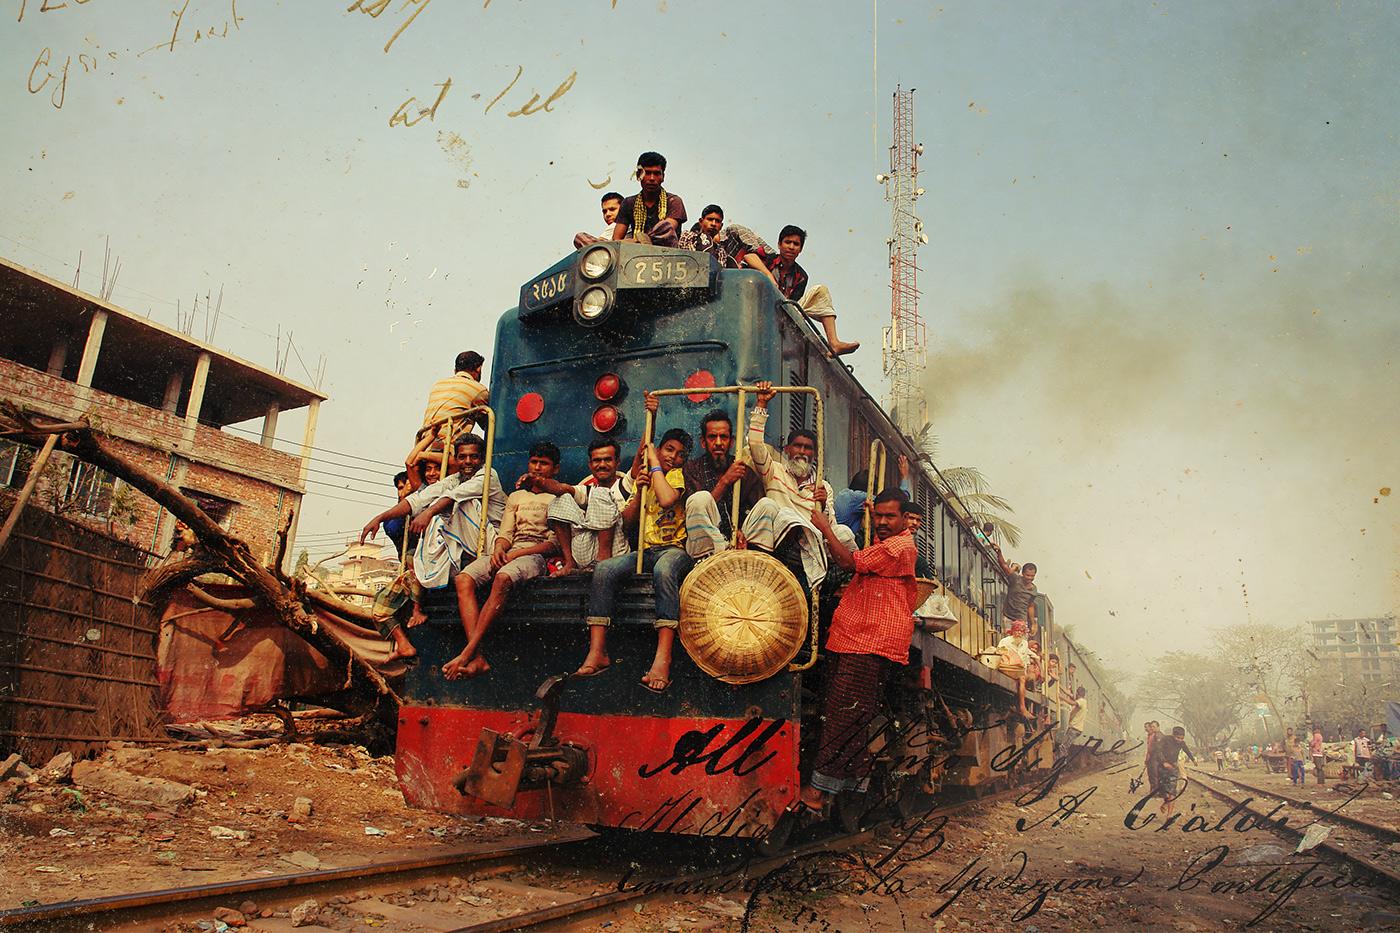 Самый ненужный лайфхак время, место, главное, Бангладеш, можно, навыки, козырное, движения, нехило, раскачивается, поезд, детства, сможете, нужны, подложить, стоять, горячая, очень, крыши, поверхность